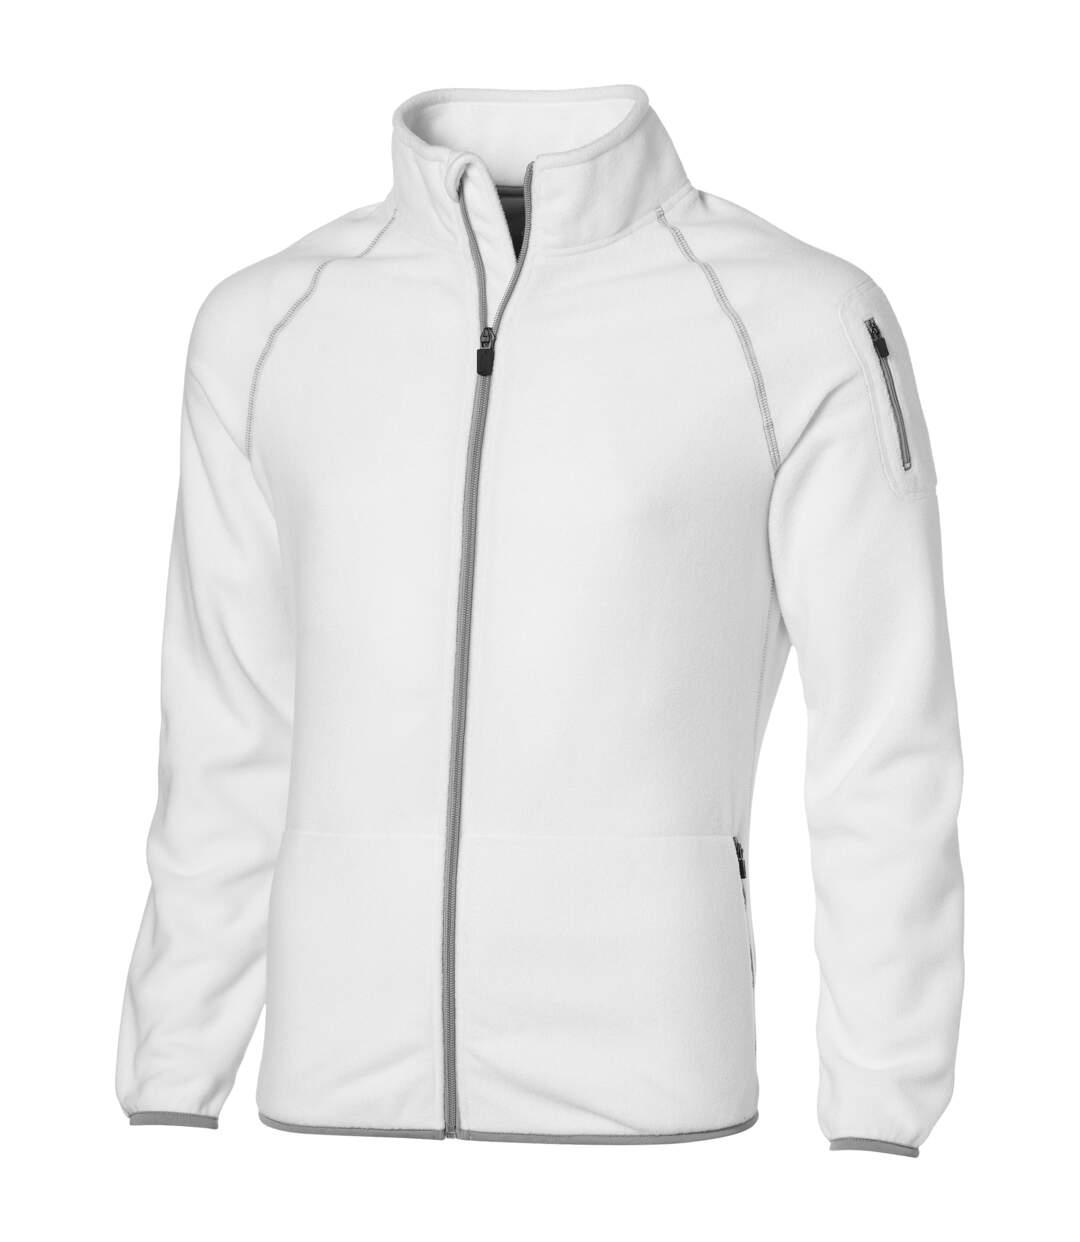 Slazenger Mens Drop Shot Full Zip Micro Fleece Jacket (White) - UTPF1795